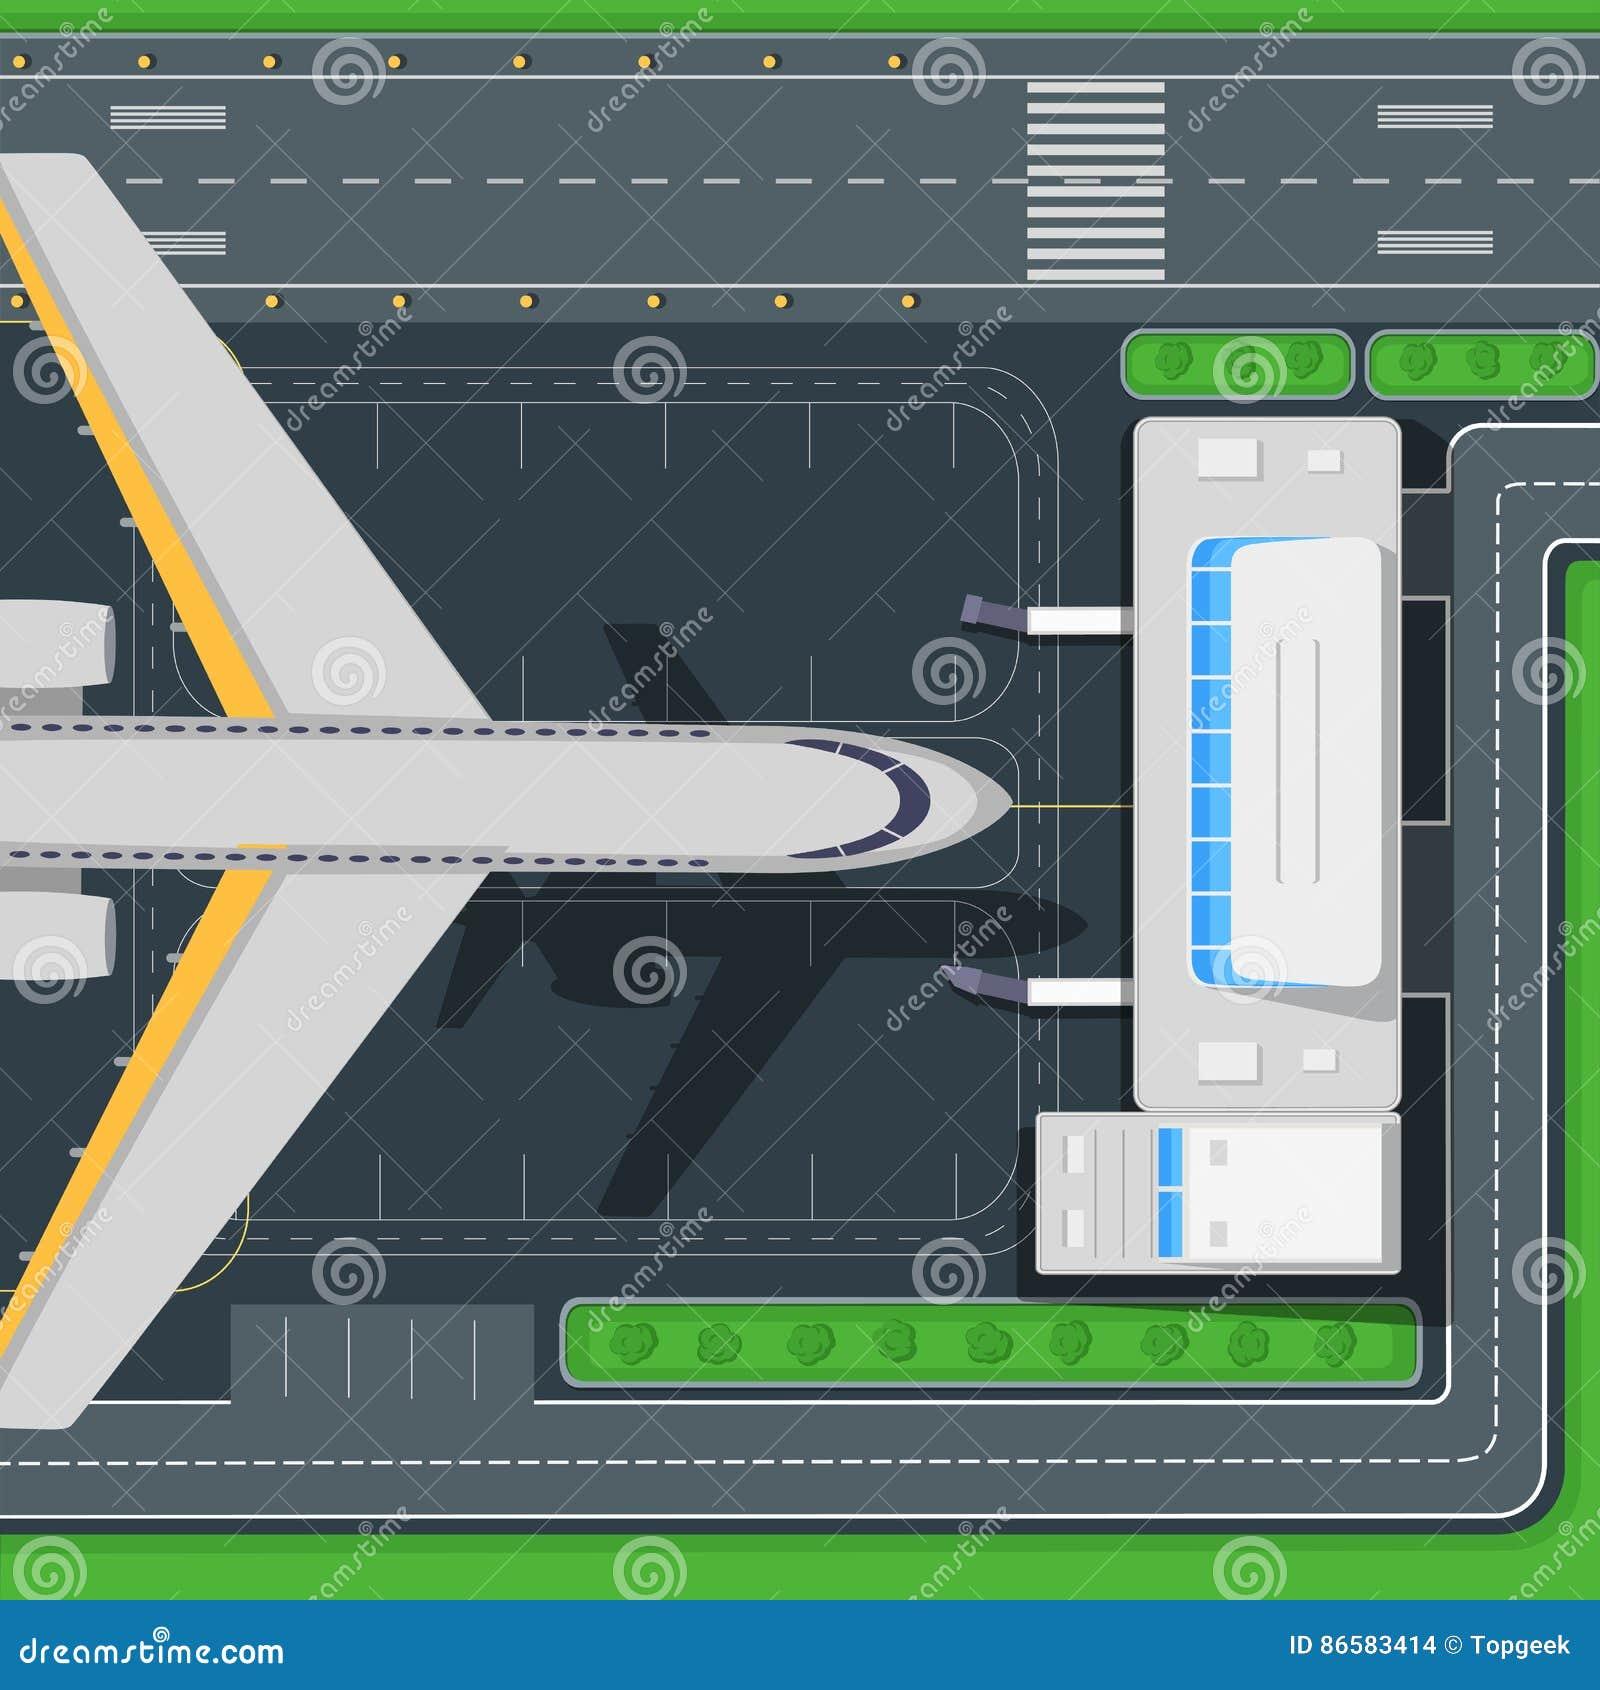 Airport Top View Vector Concept In Flat Design Stock Vector